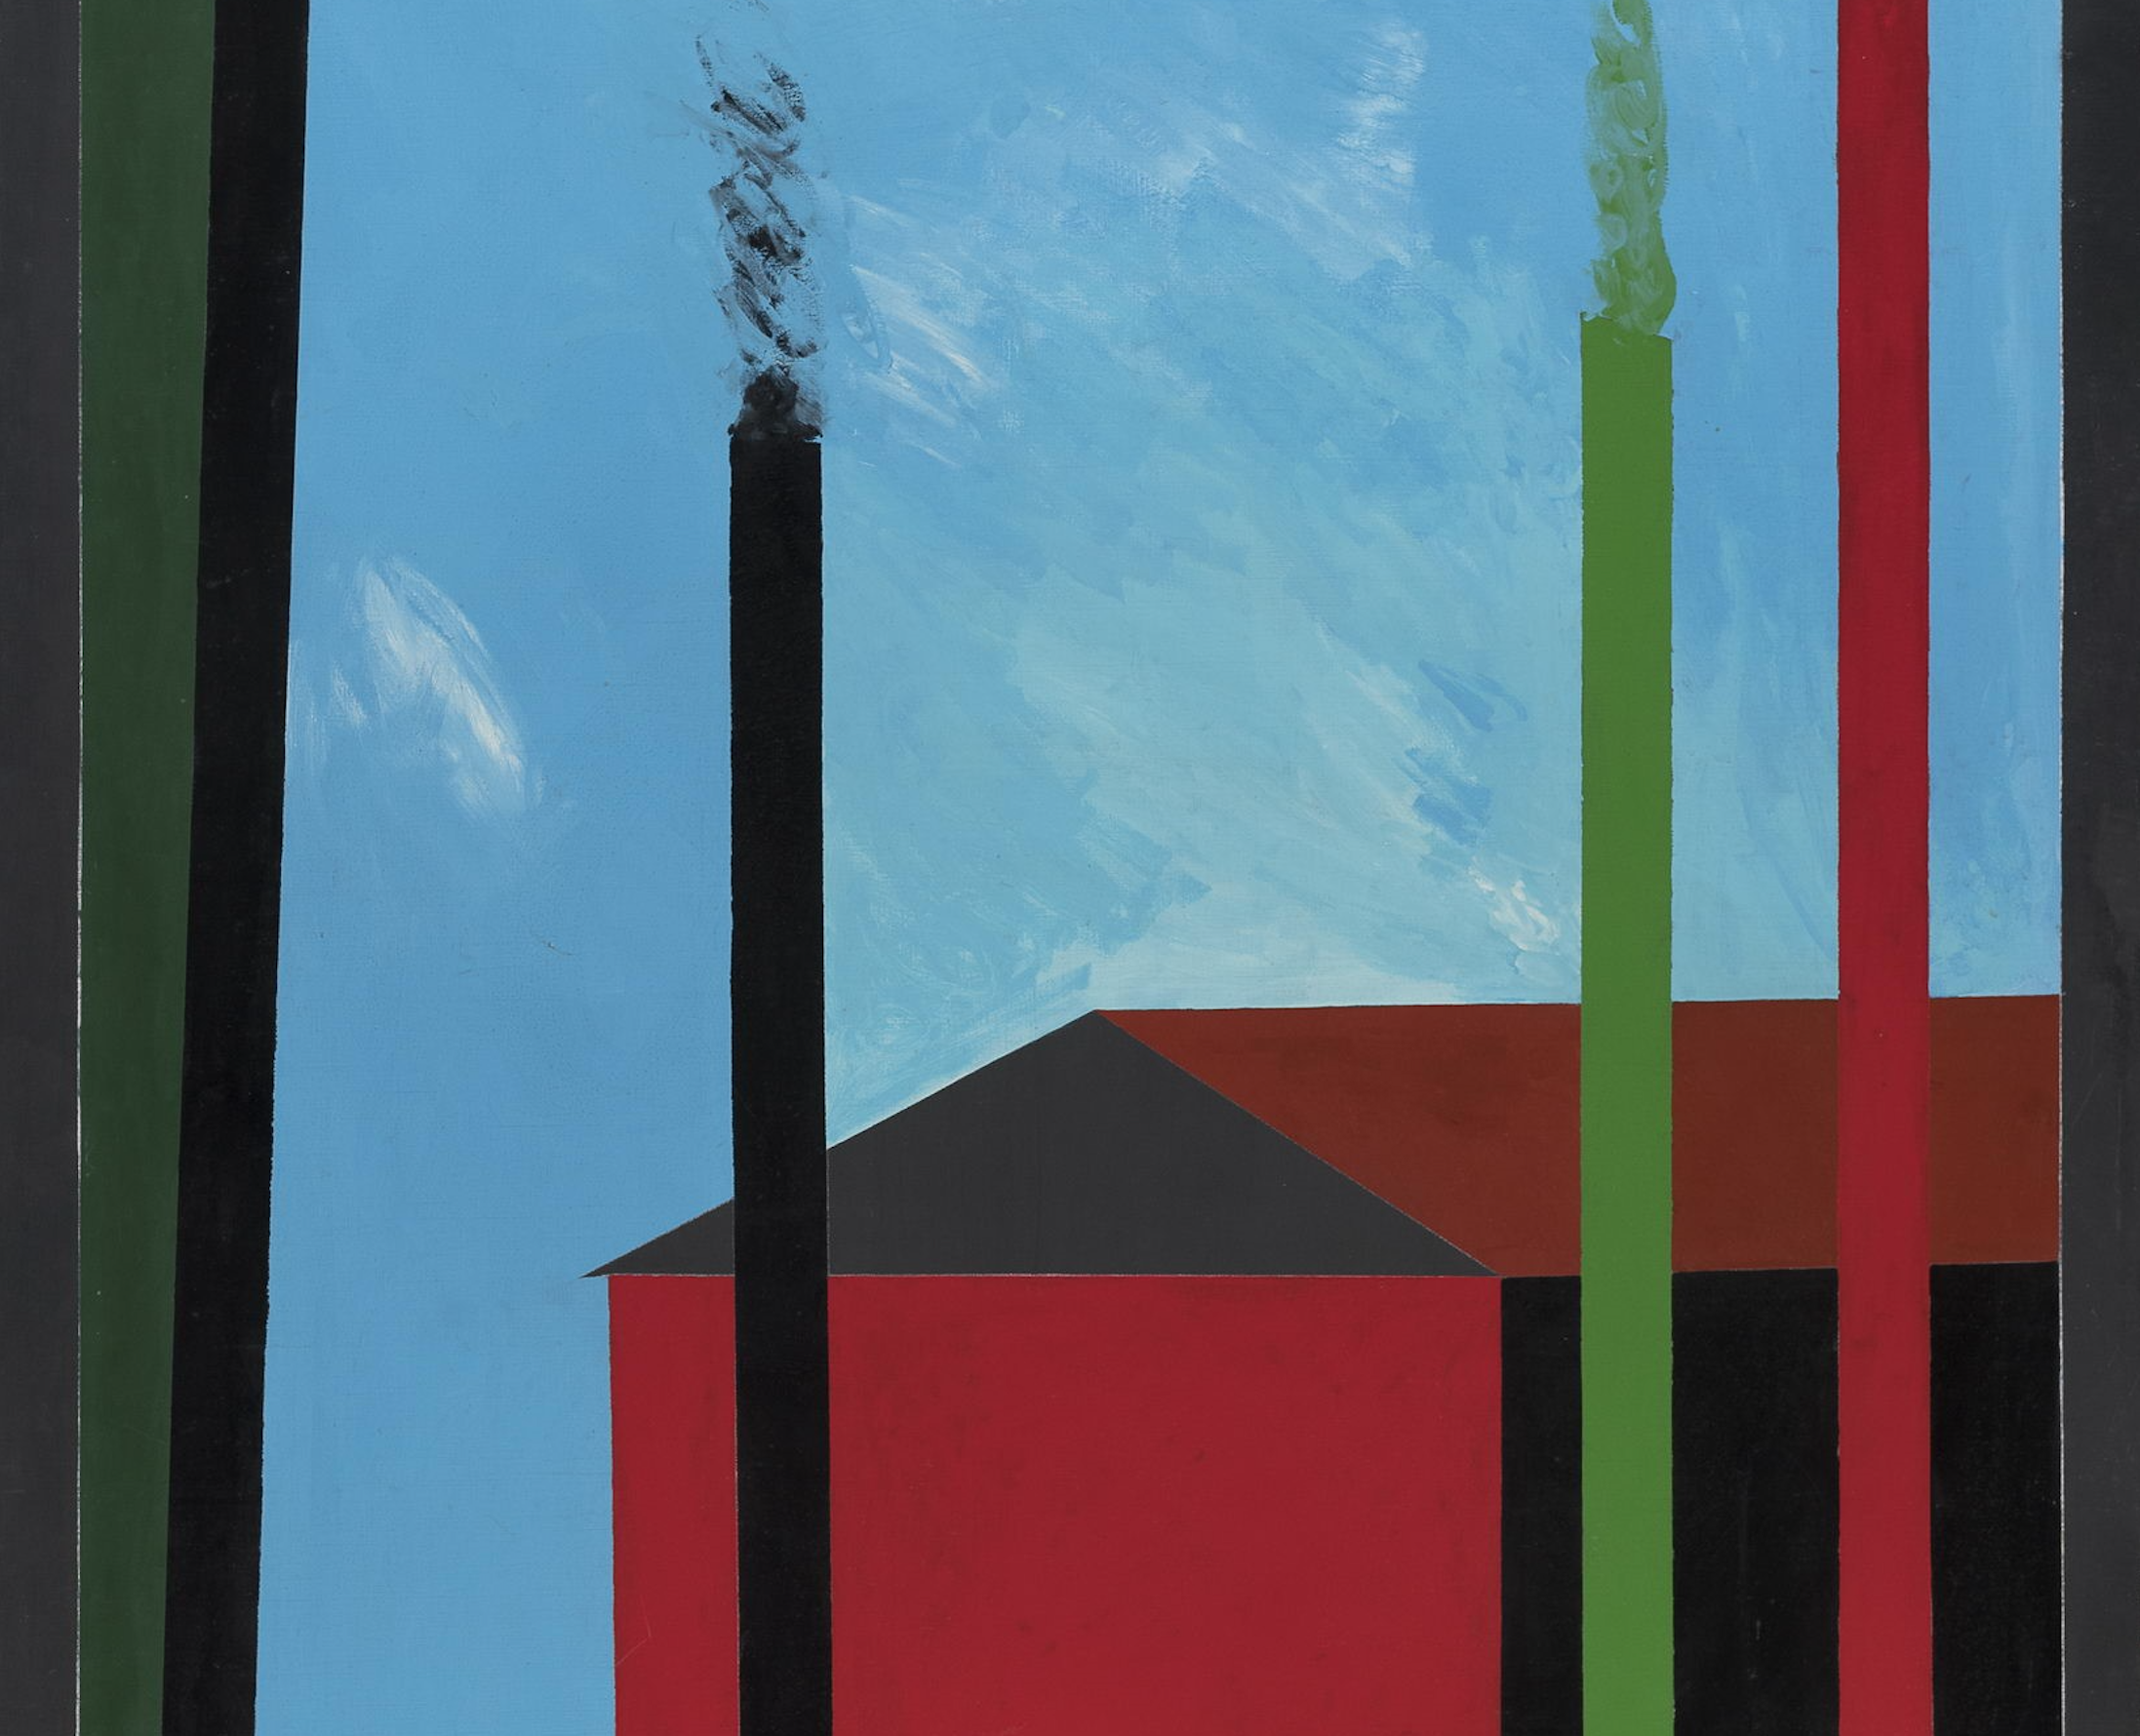 Dall'arte moderna e contemporanea al Design del XX secolo. Tre giornate eterogenee da Babuino